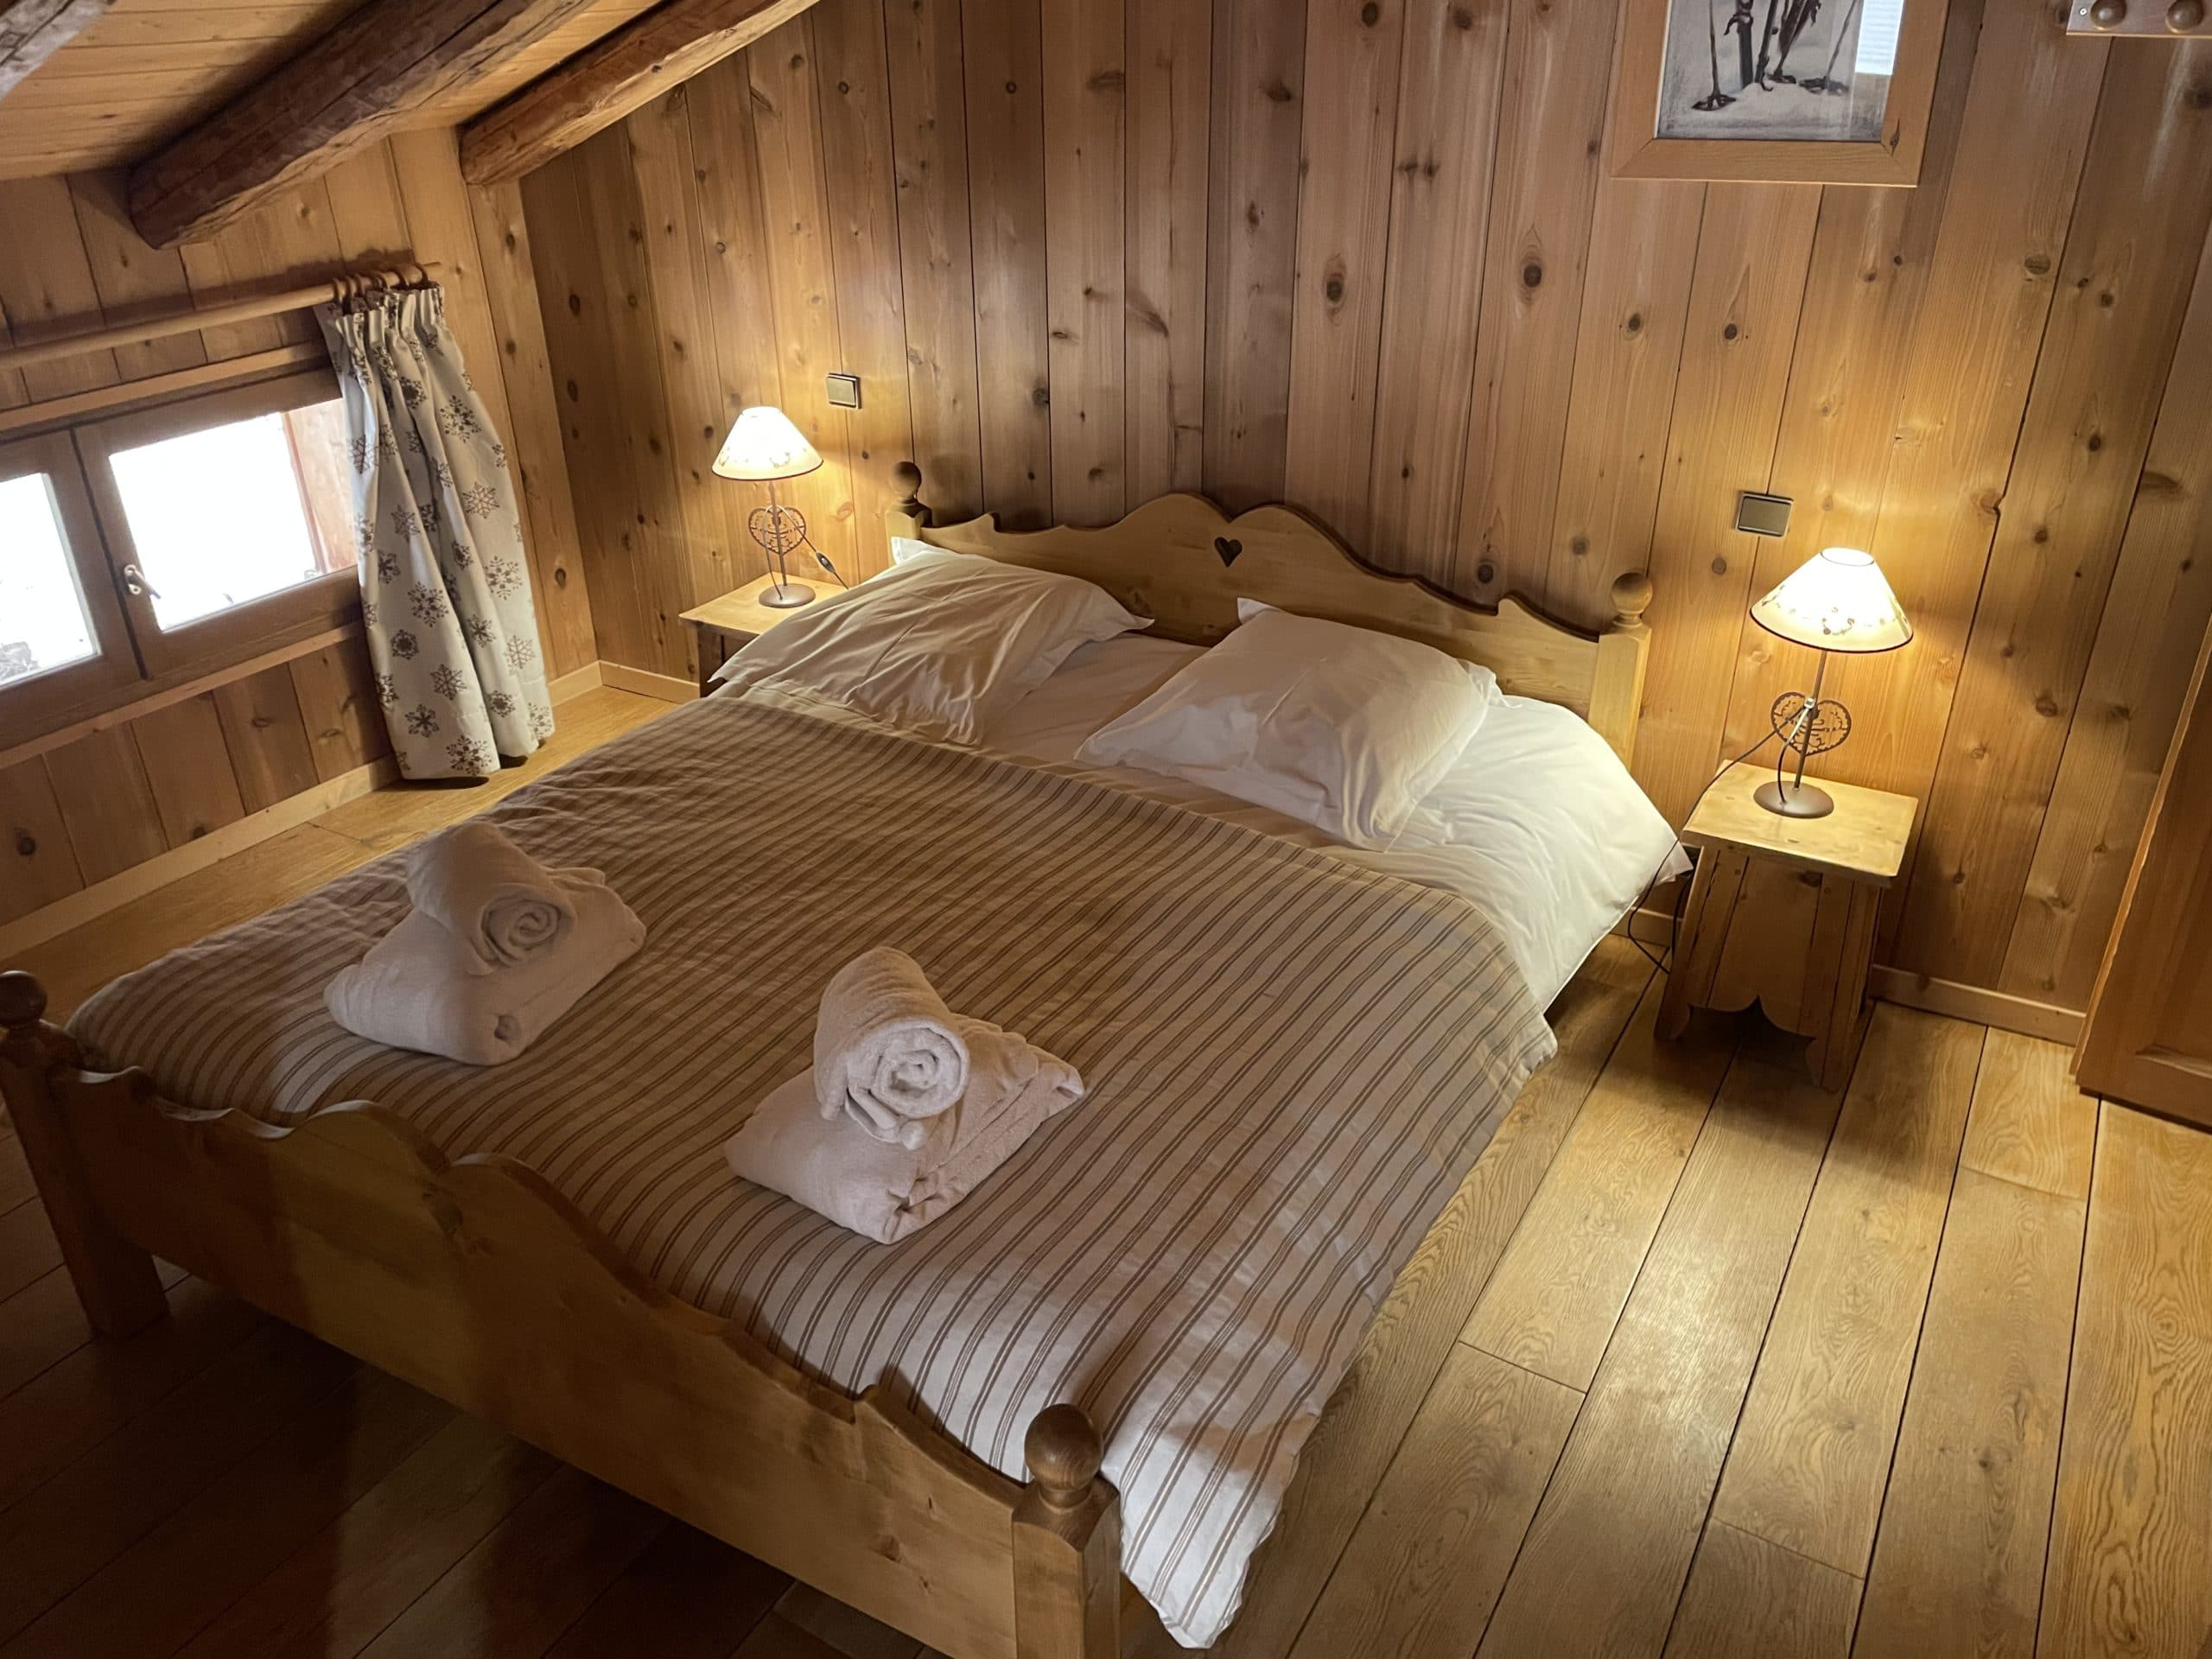 Lit confortable et spacieux dans ce chalet de montagne à Morzine Avoriaz